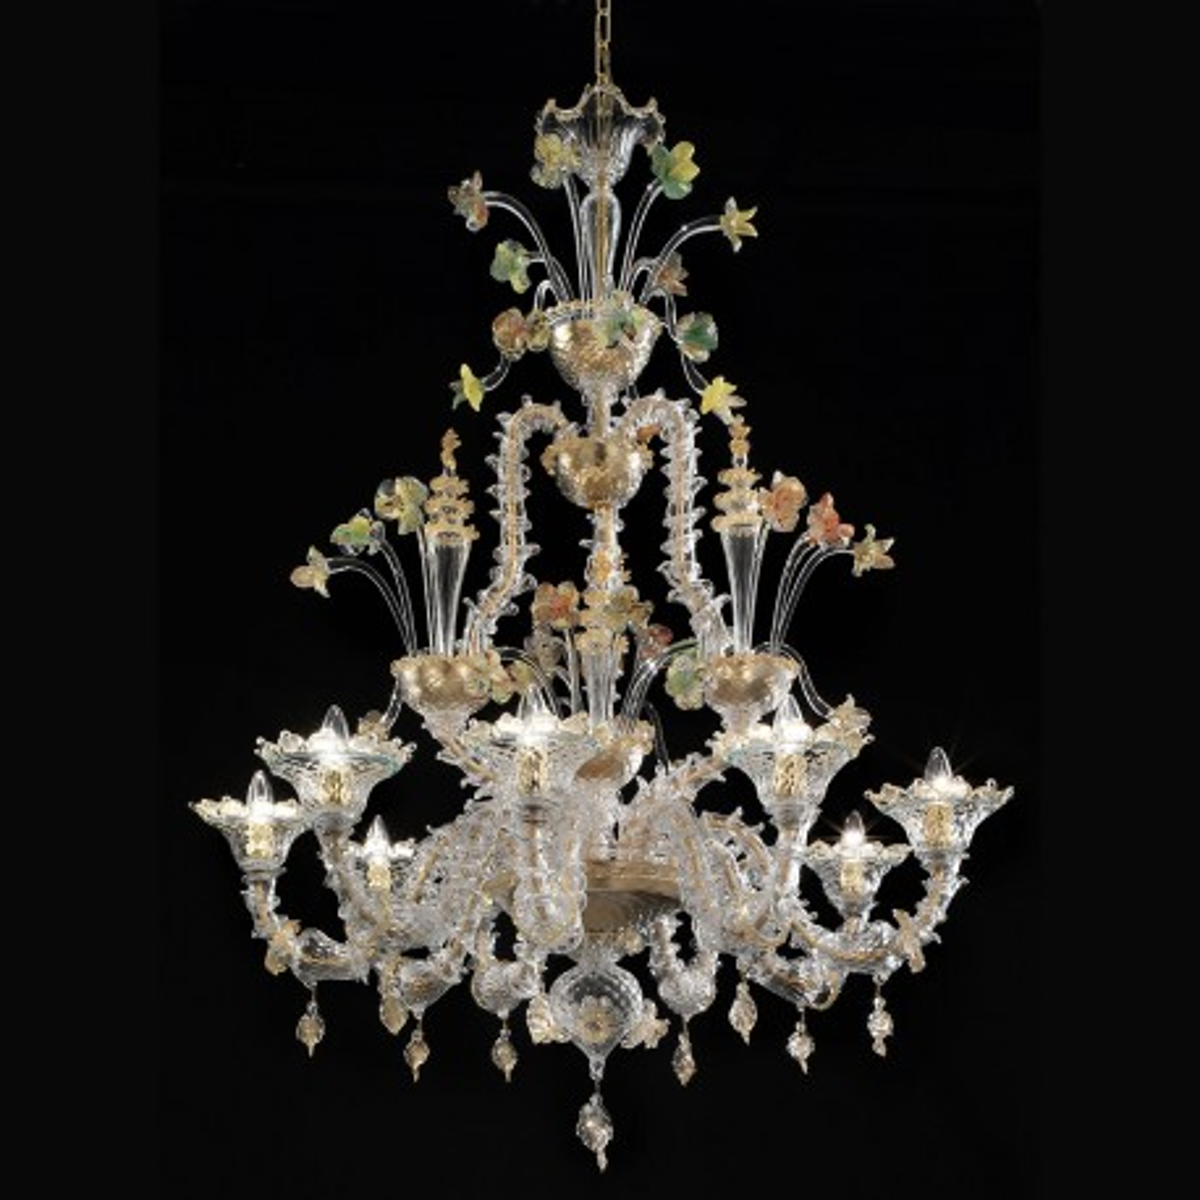 """""""Santa Caterina"""" lampara de cristal de Murano - 9 luces - transparente oro policromo"""